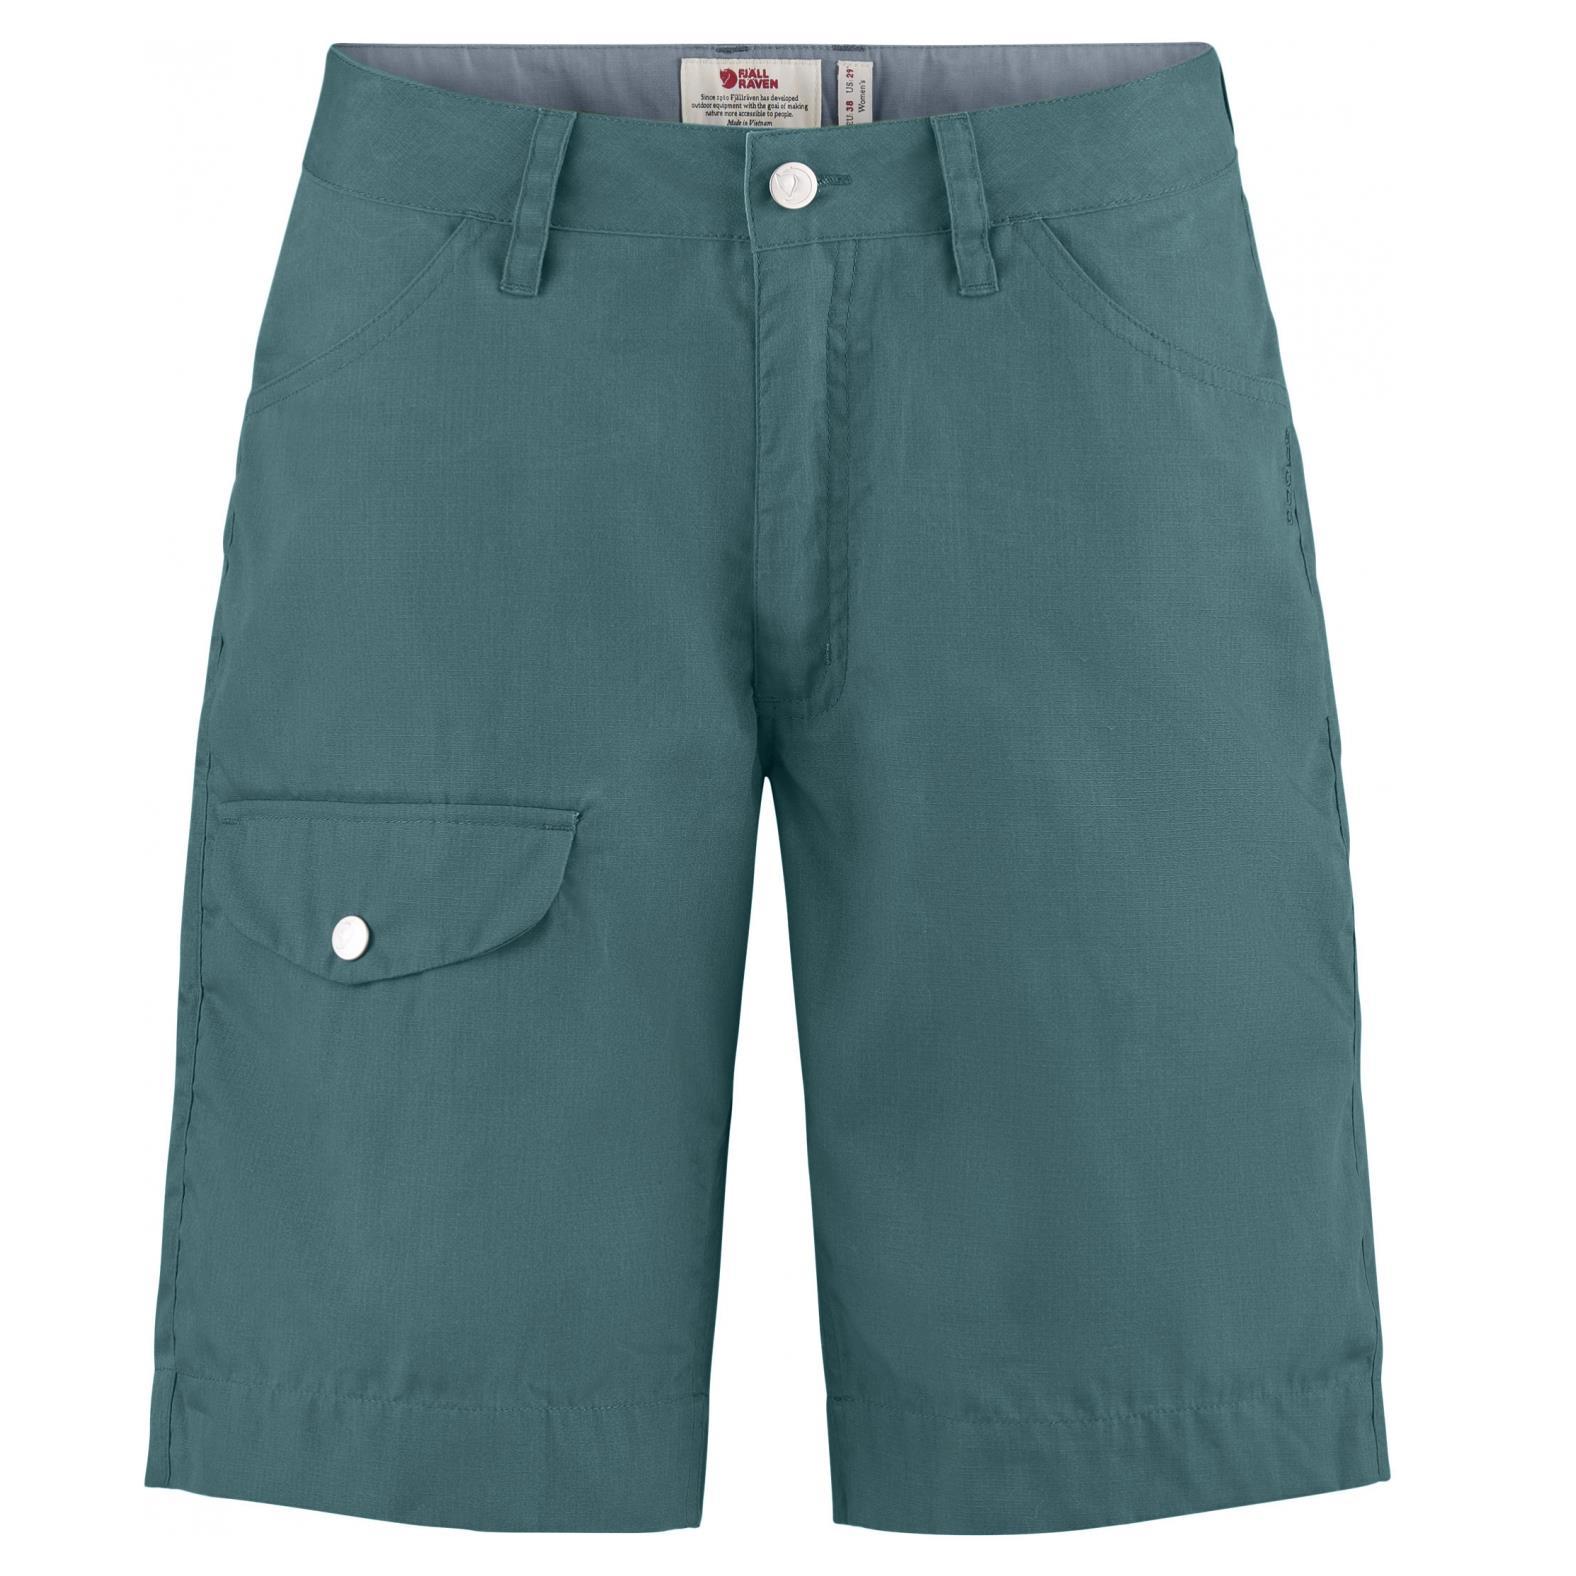 Fjällräven Greenland Shorts Women grau/grün Damen